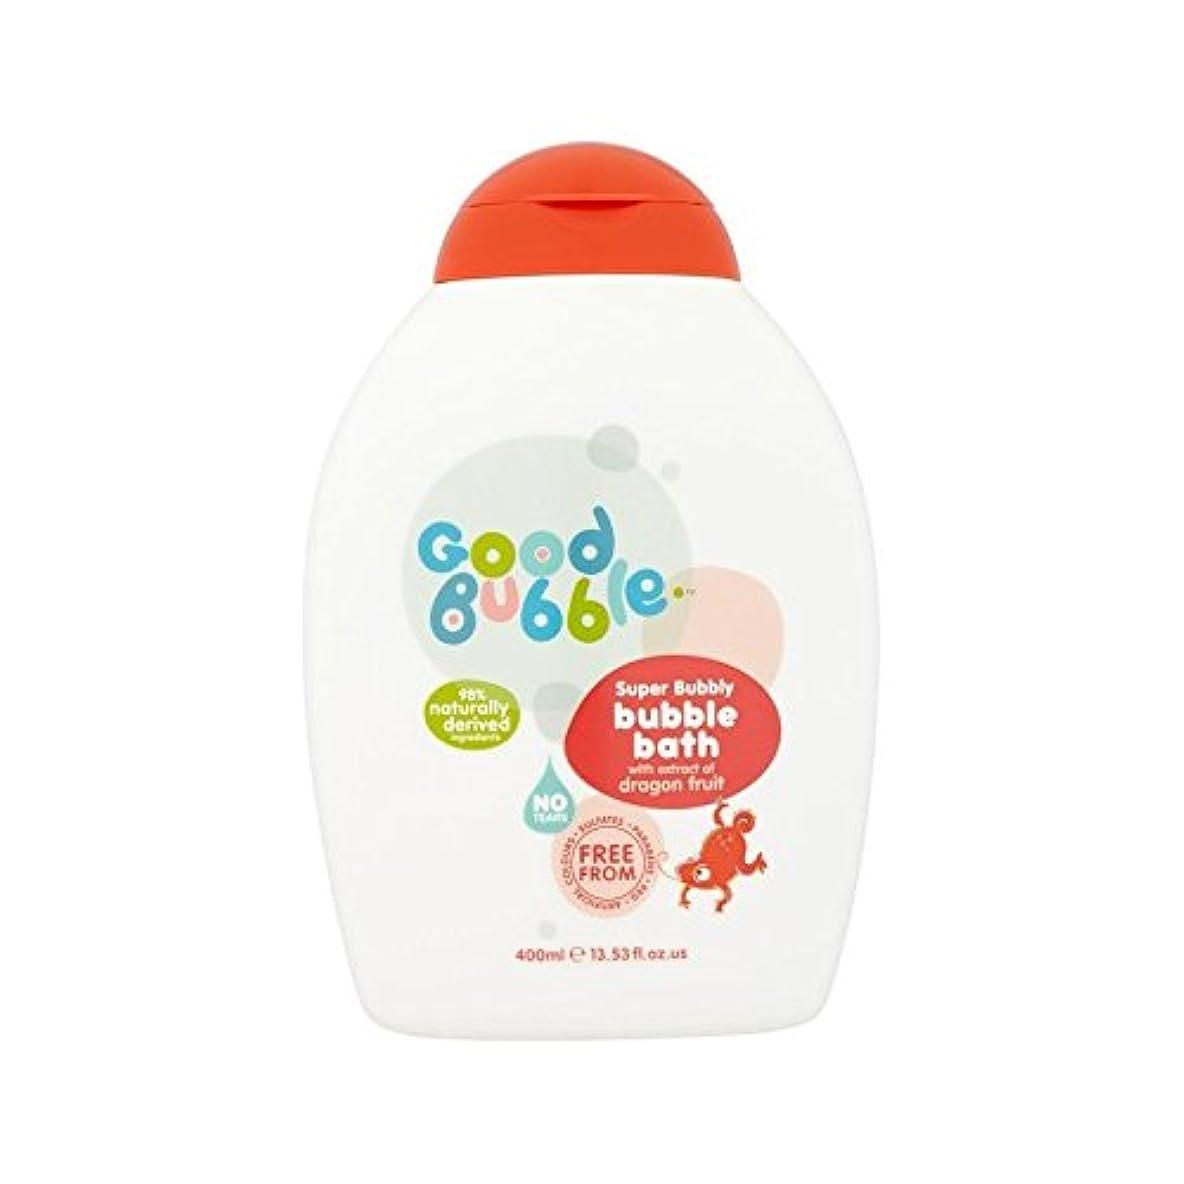 トランペット変形するグラスドラゴンフルーツエキスの400ミリリットルと泡風呂 (Good Bubble) (x 4) - Good Bubble Bubble Bath with Dragon Fruit Extract 400ml (Pack of 4) [並行輸入品]